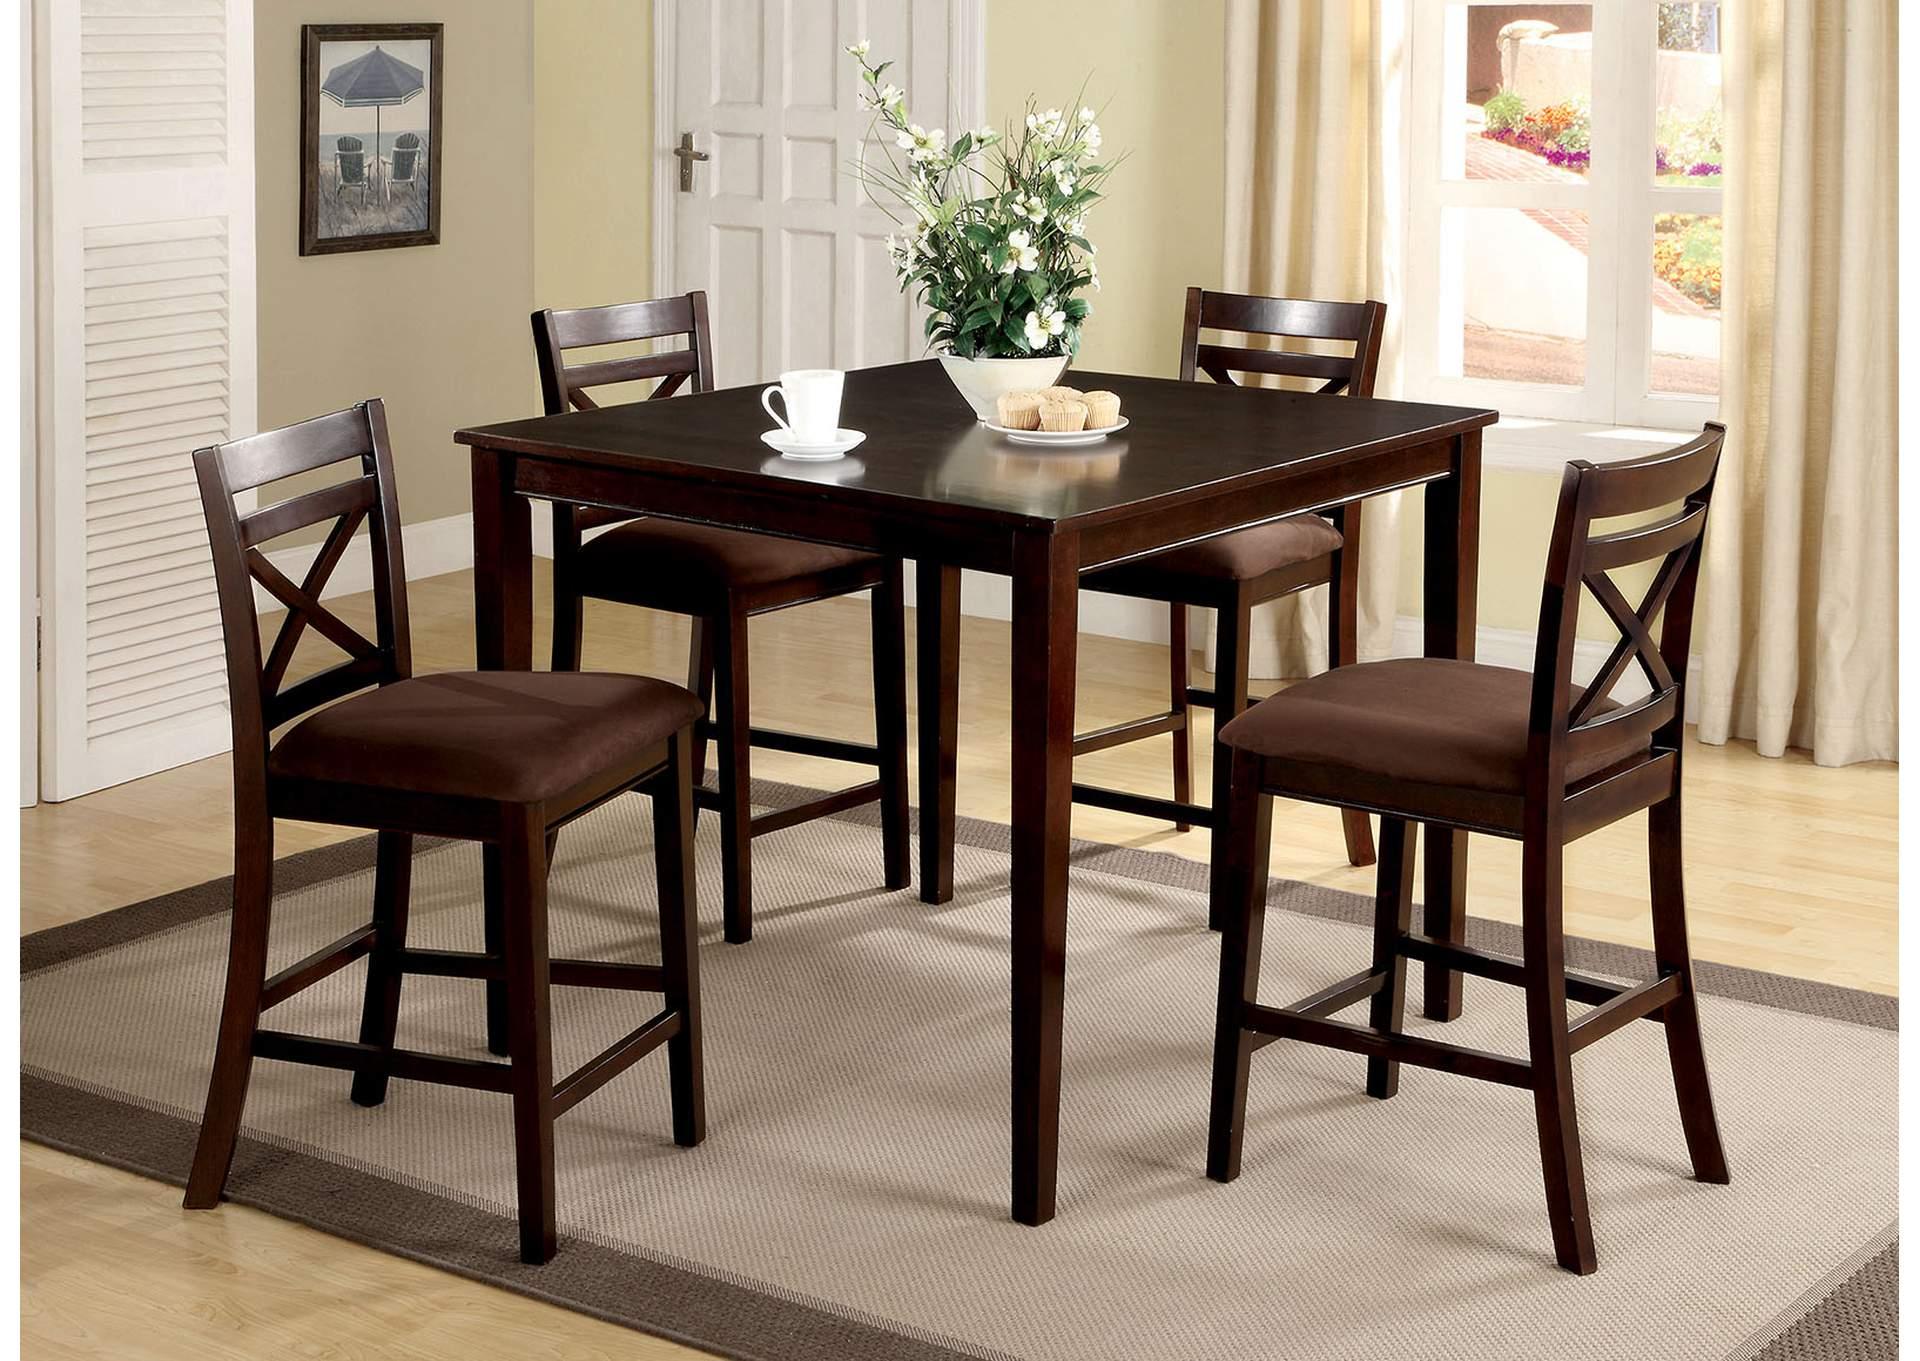 Wondrous Cohens Furniture New Castle De Weston L 5 Piece Counter Home Interior And Landscaping Ologienasavecom